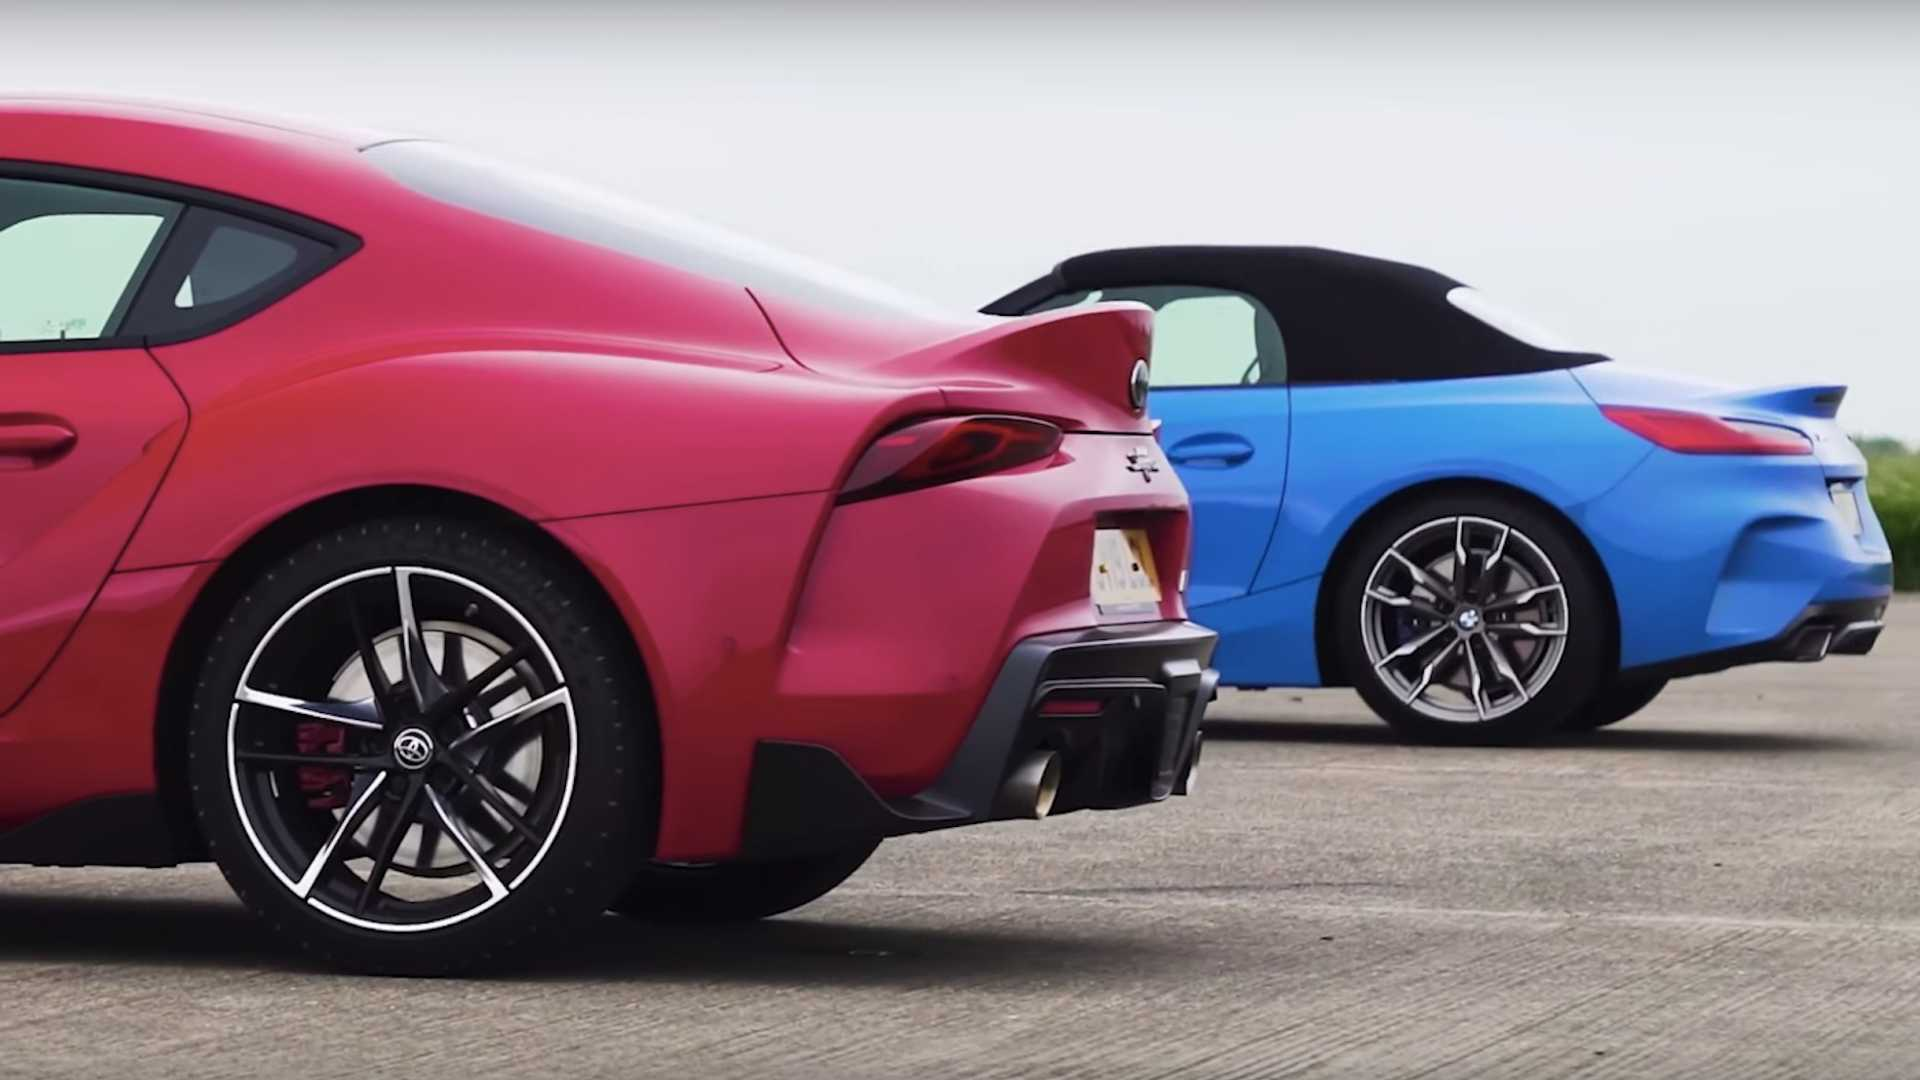 Kelebihan Kekurangan Bmw Z4 Toyota Supra Top Model Tahun Ini